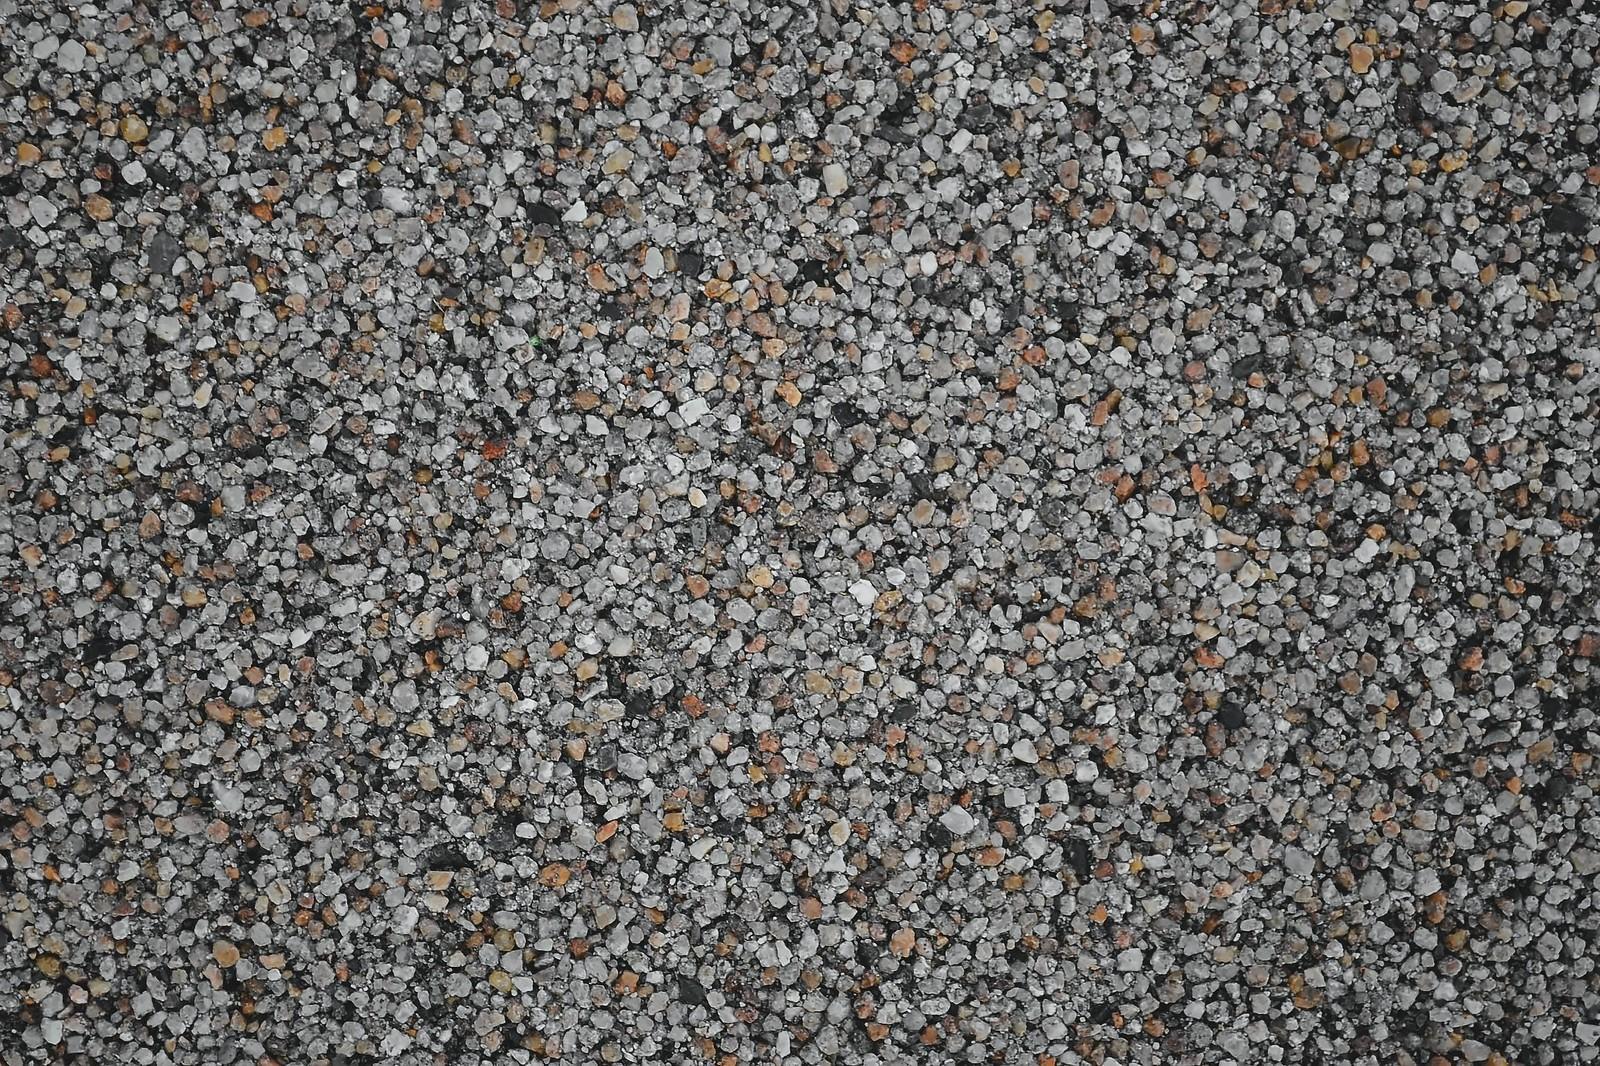 災害廃棄物処理について④- 土砂の処理